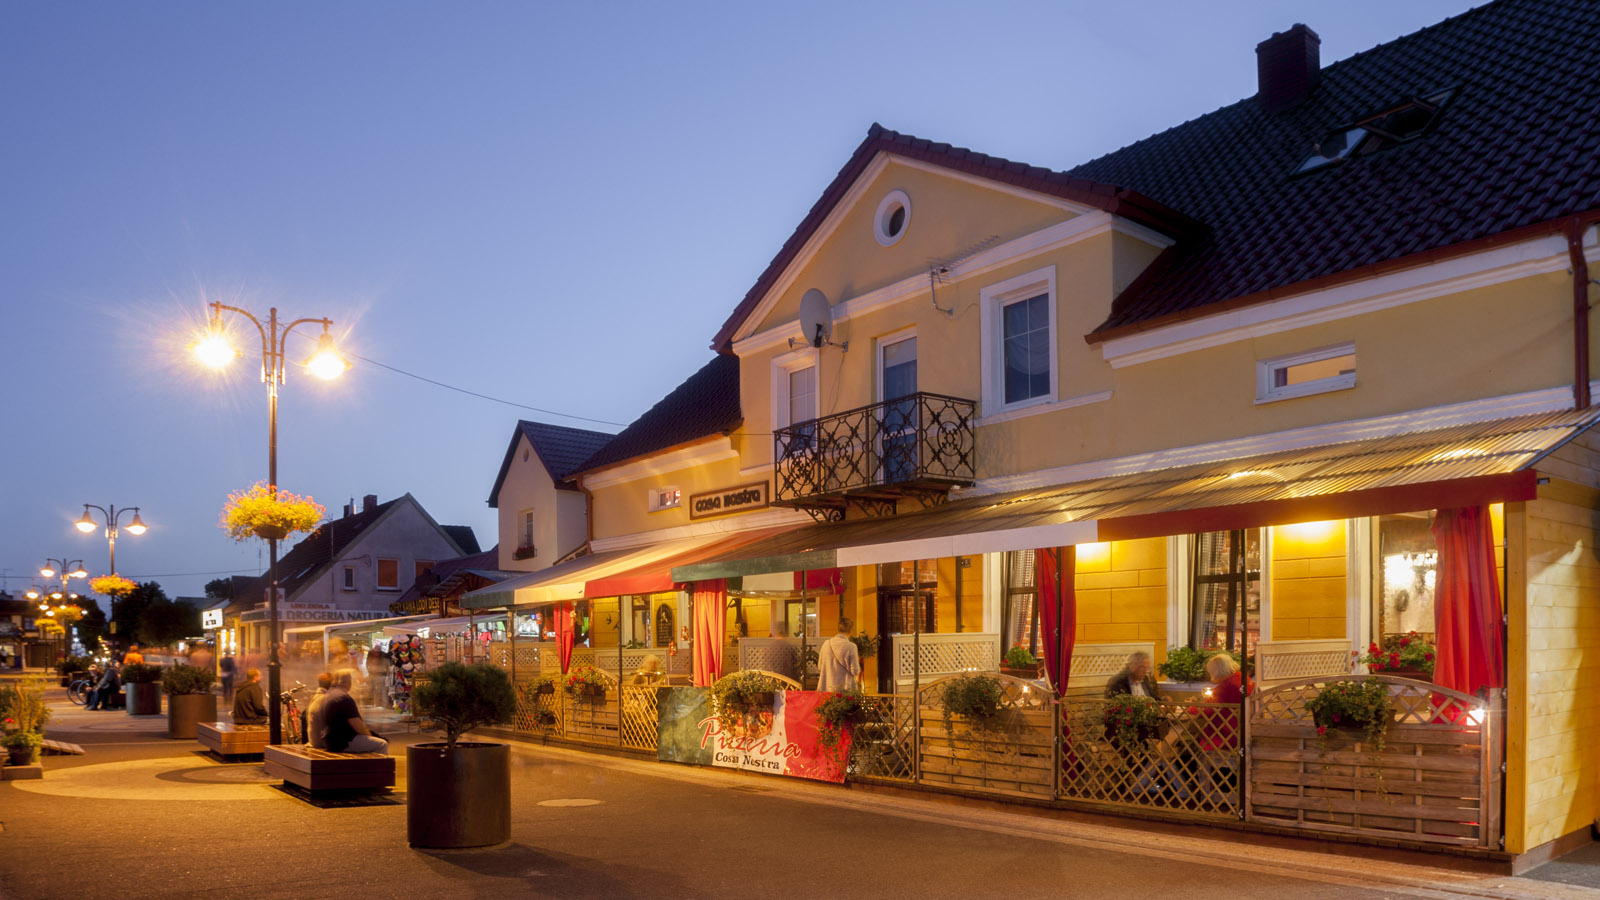 Pizzeria Casa Nostra - Zaprzyjaźniony lokal, w samym sercu Darłówka